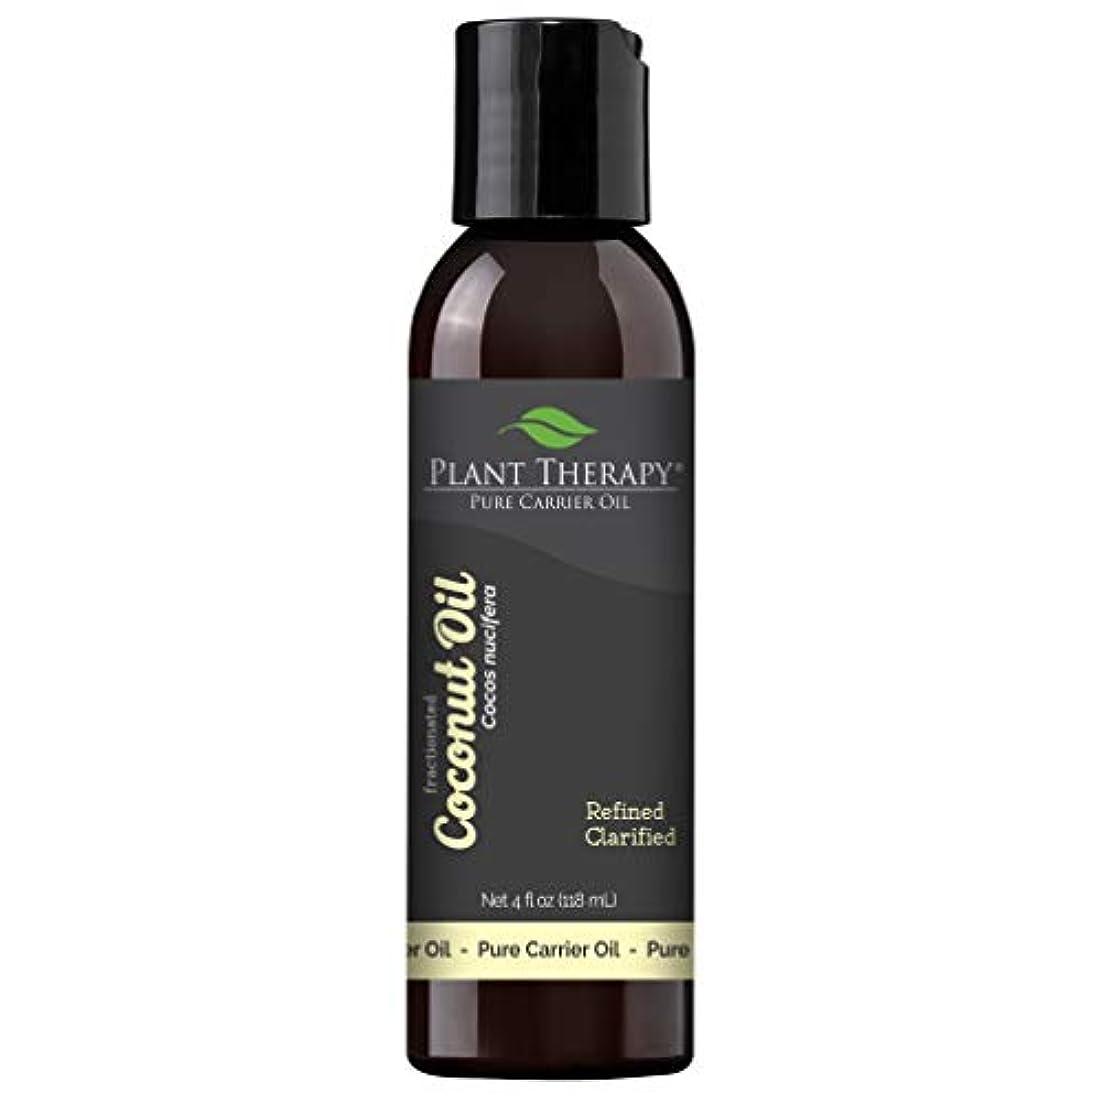 パウダーおなじみのスタイルPlant Therapy Essential Oils (プラントセラピー エッセンシャルオイル) ココナッツ (分別蒸留) 4 オンス キャリアオイル